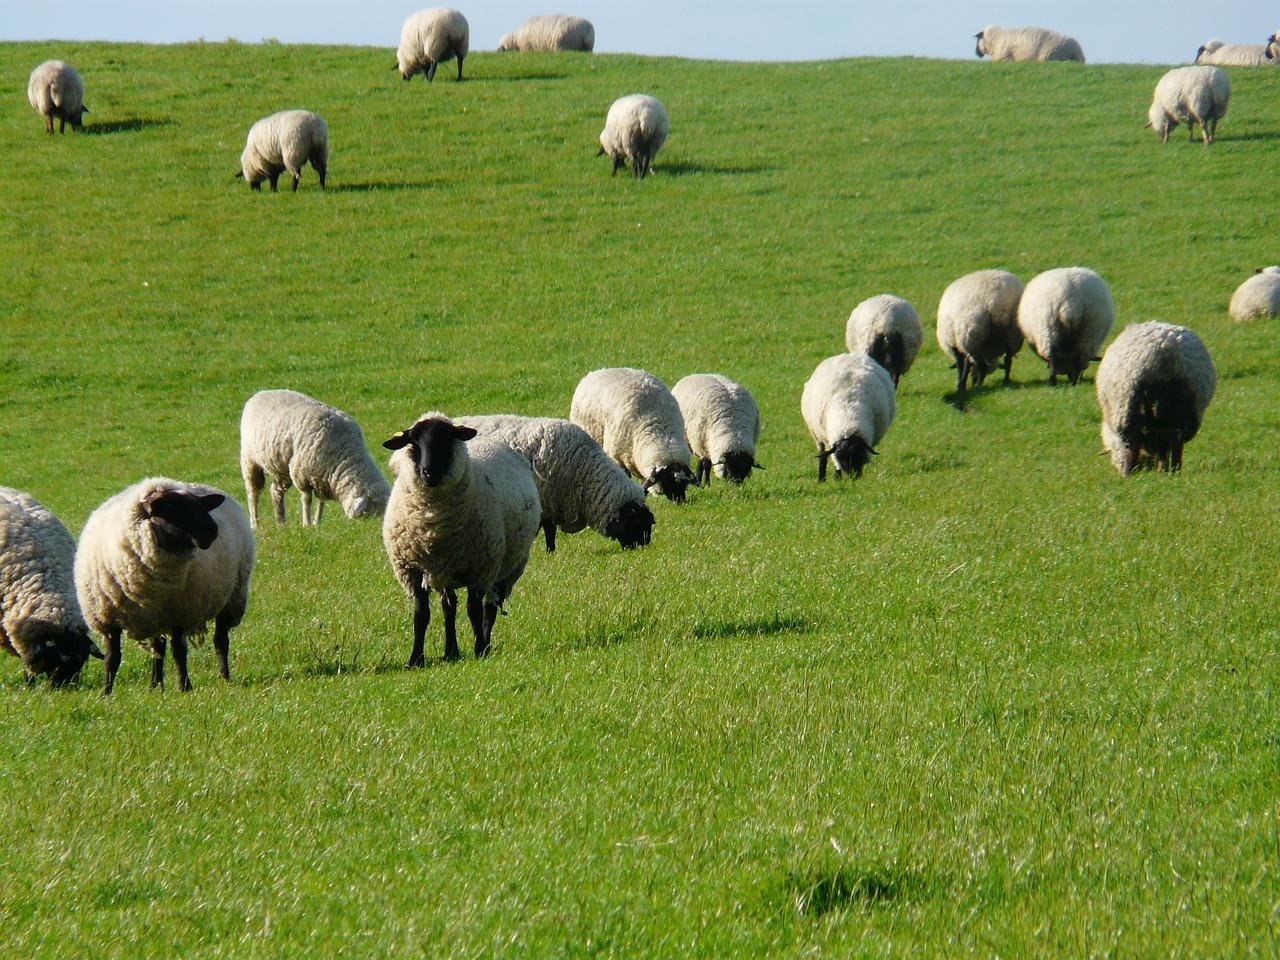 Картинки овец стадо, картинки аватарку